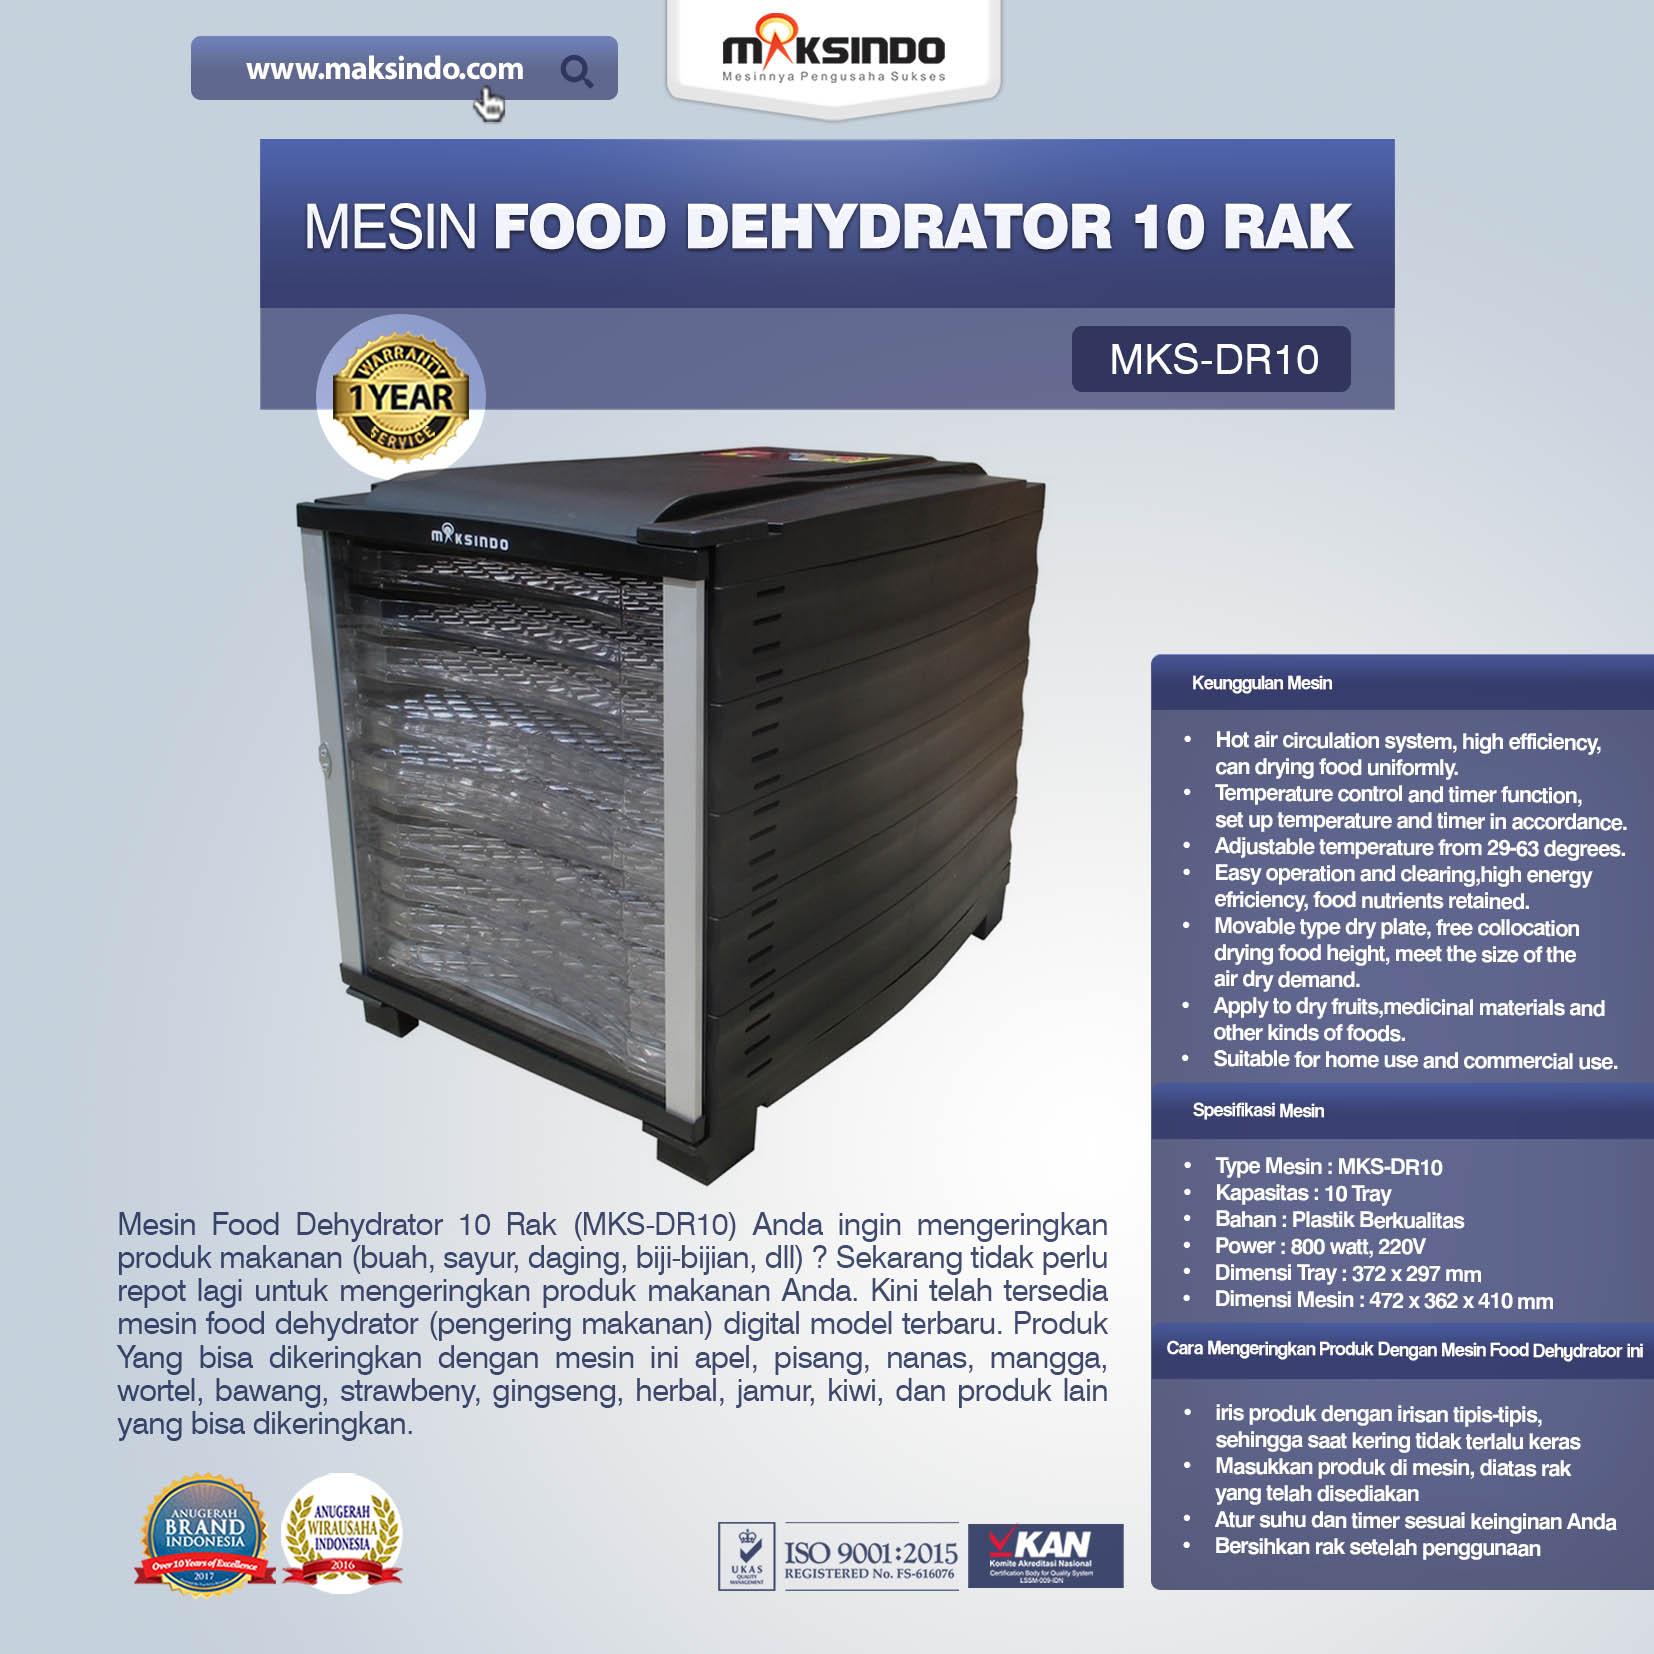 Jual Mesin Food Dehydrator 10 Rak (MKS-DR10) di Blitar